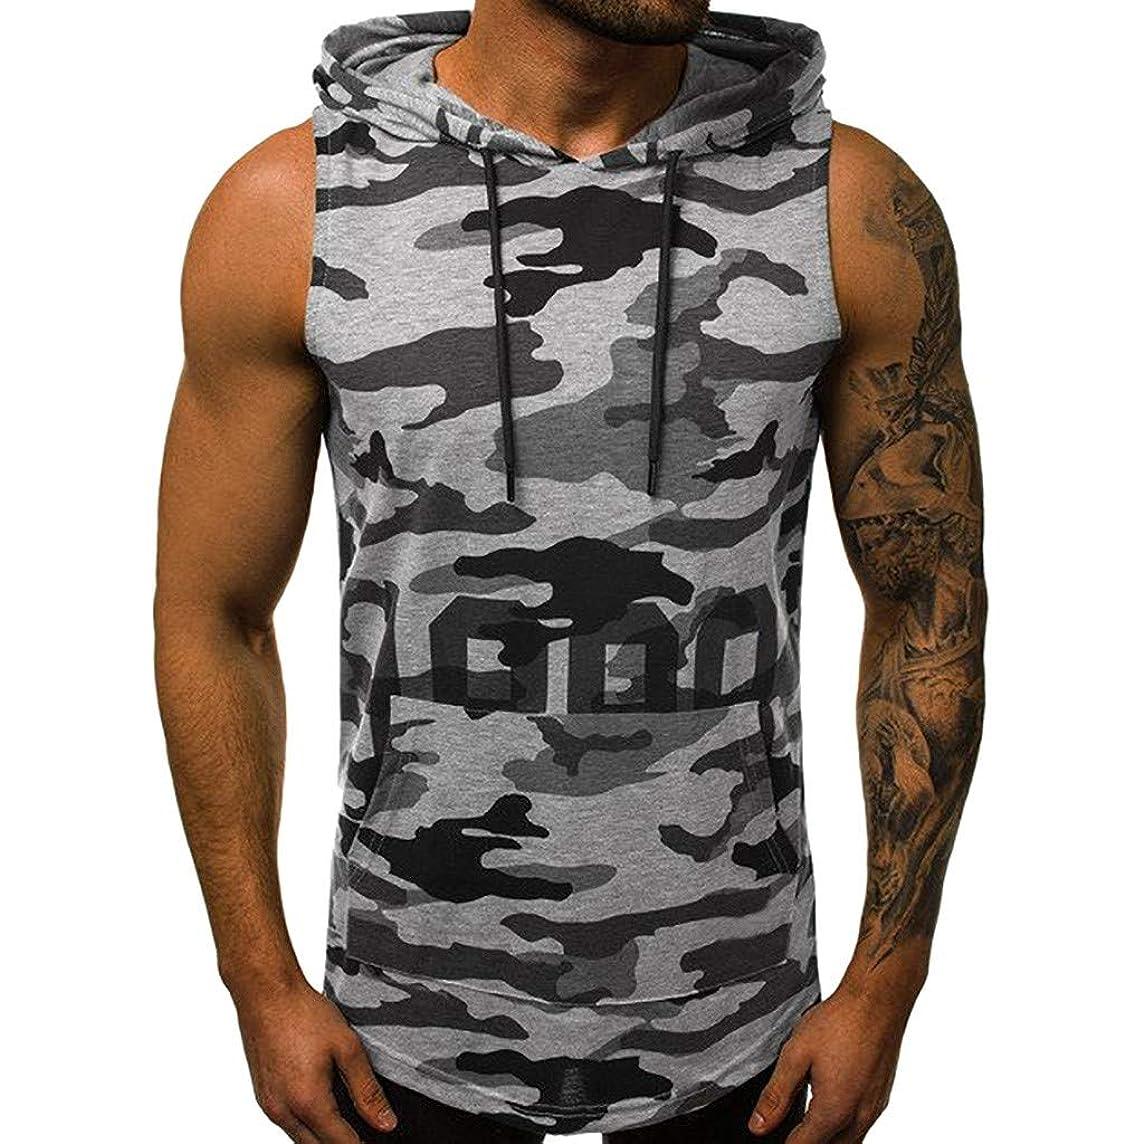 iHPH7 Men's Tank Top Tee Shirt Sport Fitness Vest #19052641